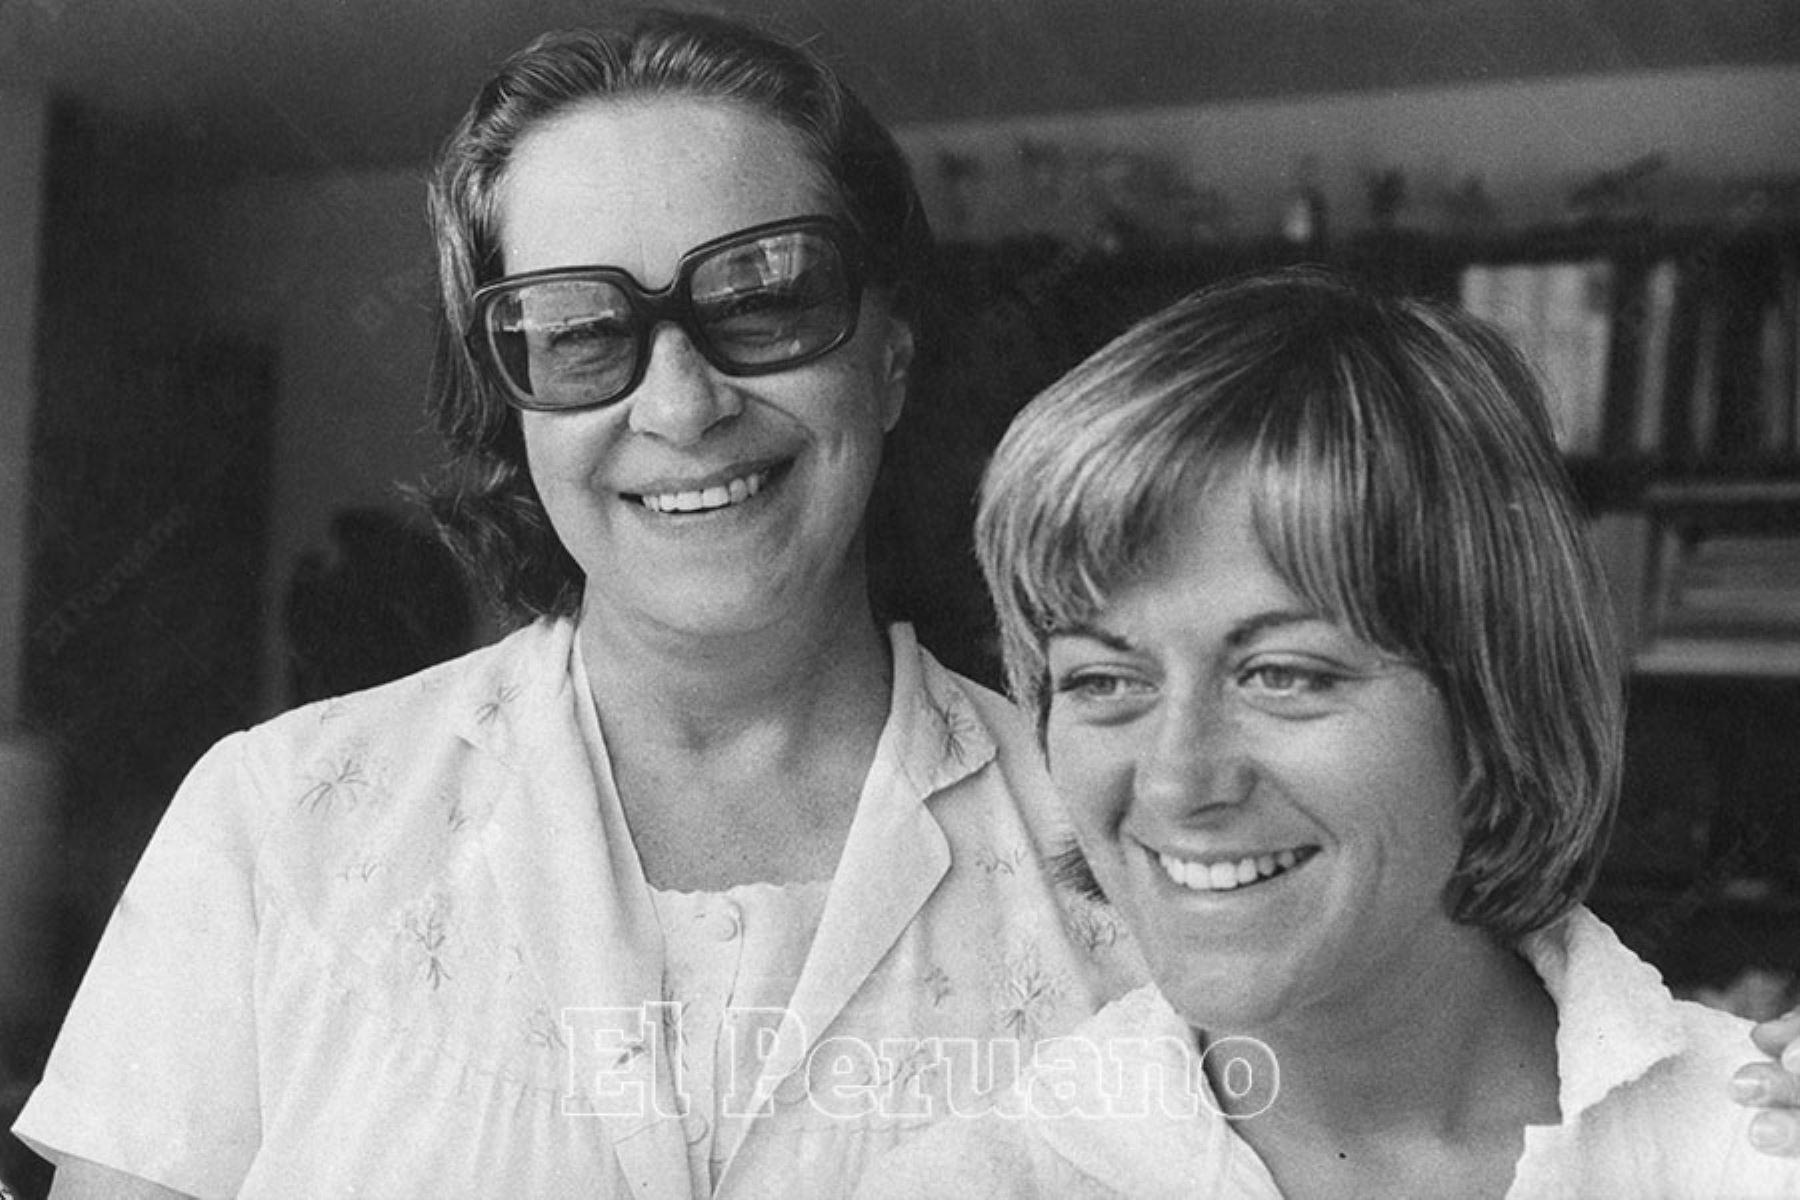 Lima - 15 diciembre 1976 / La compositora Chabuca Granda y su hija Teresa Fuller.  Foto: Archivo Histórico de El Peruano